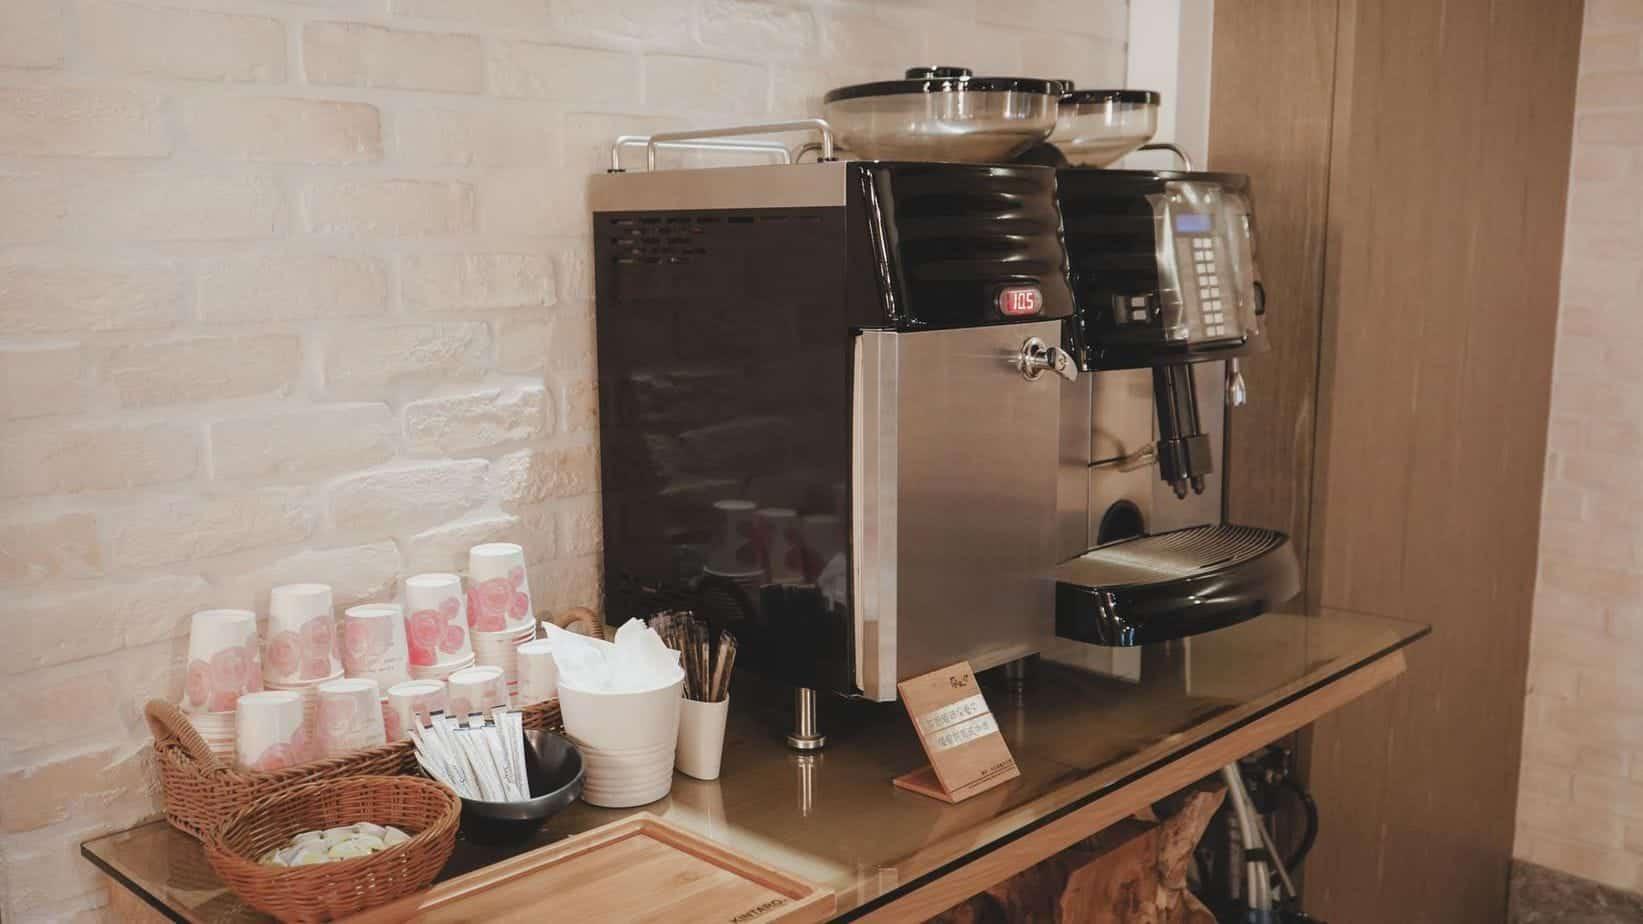 蘭桂坊花園酒店 一樓還有自助的咖啡機等可以使用